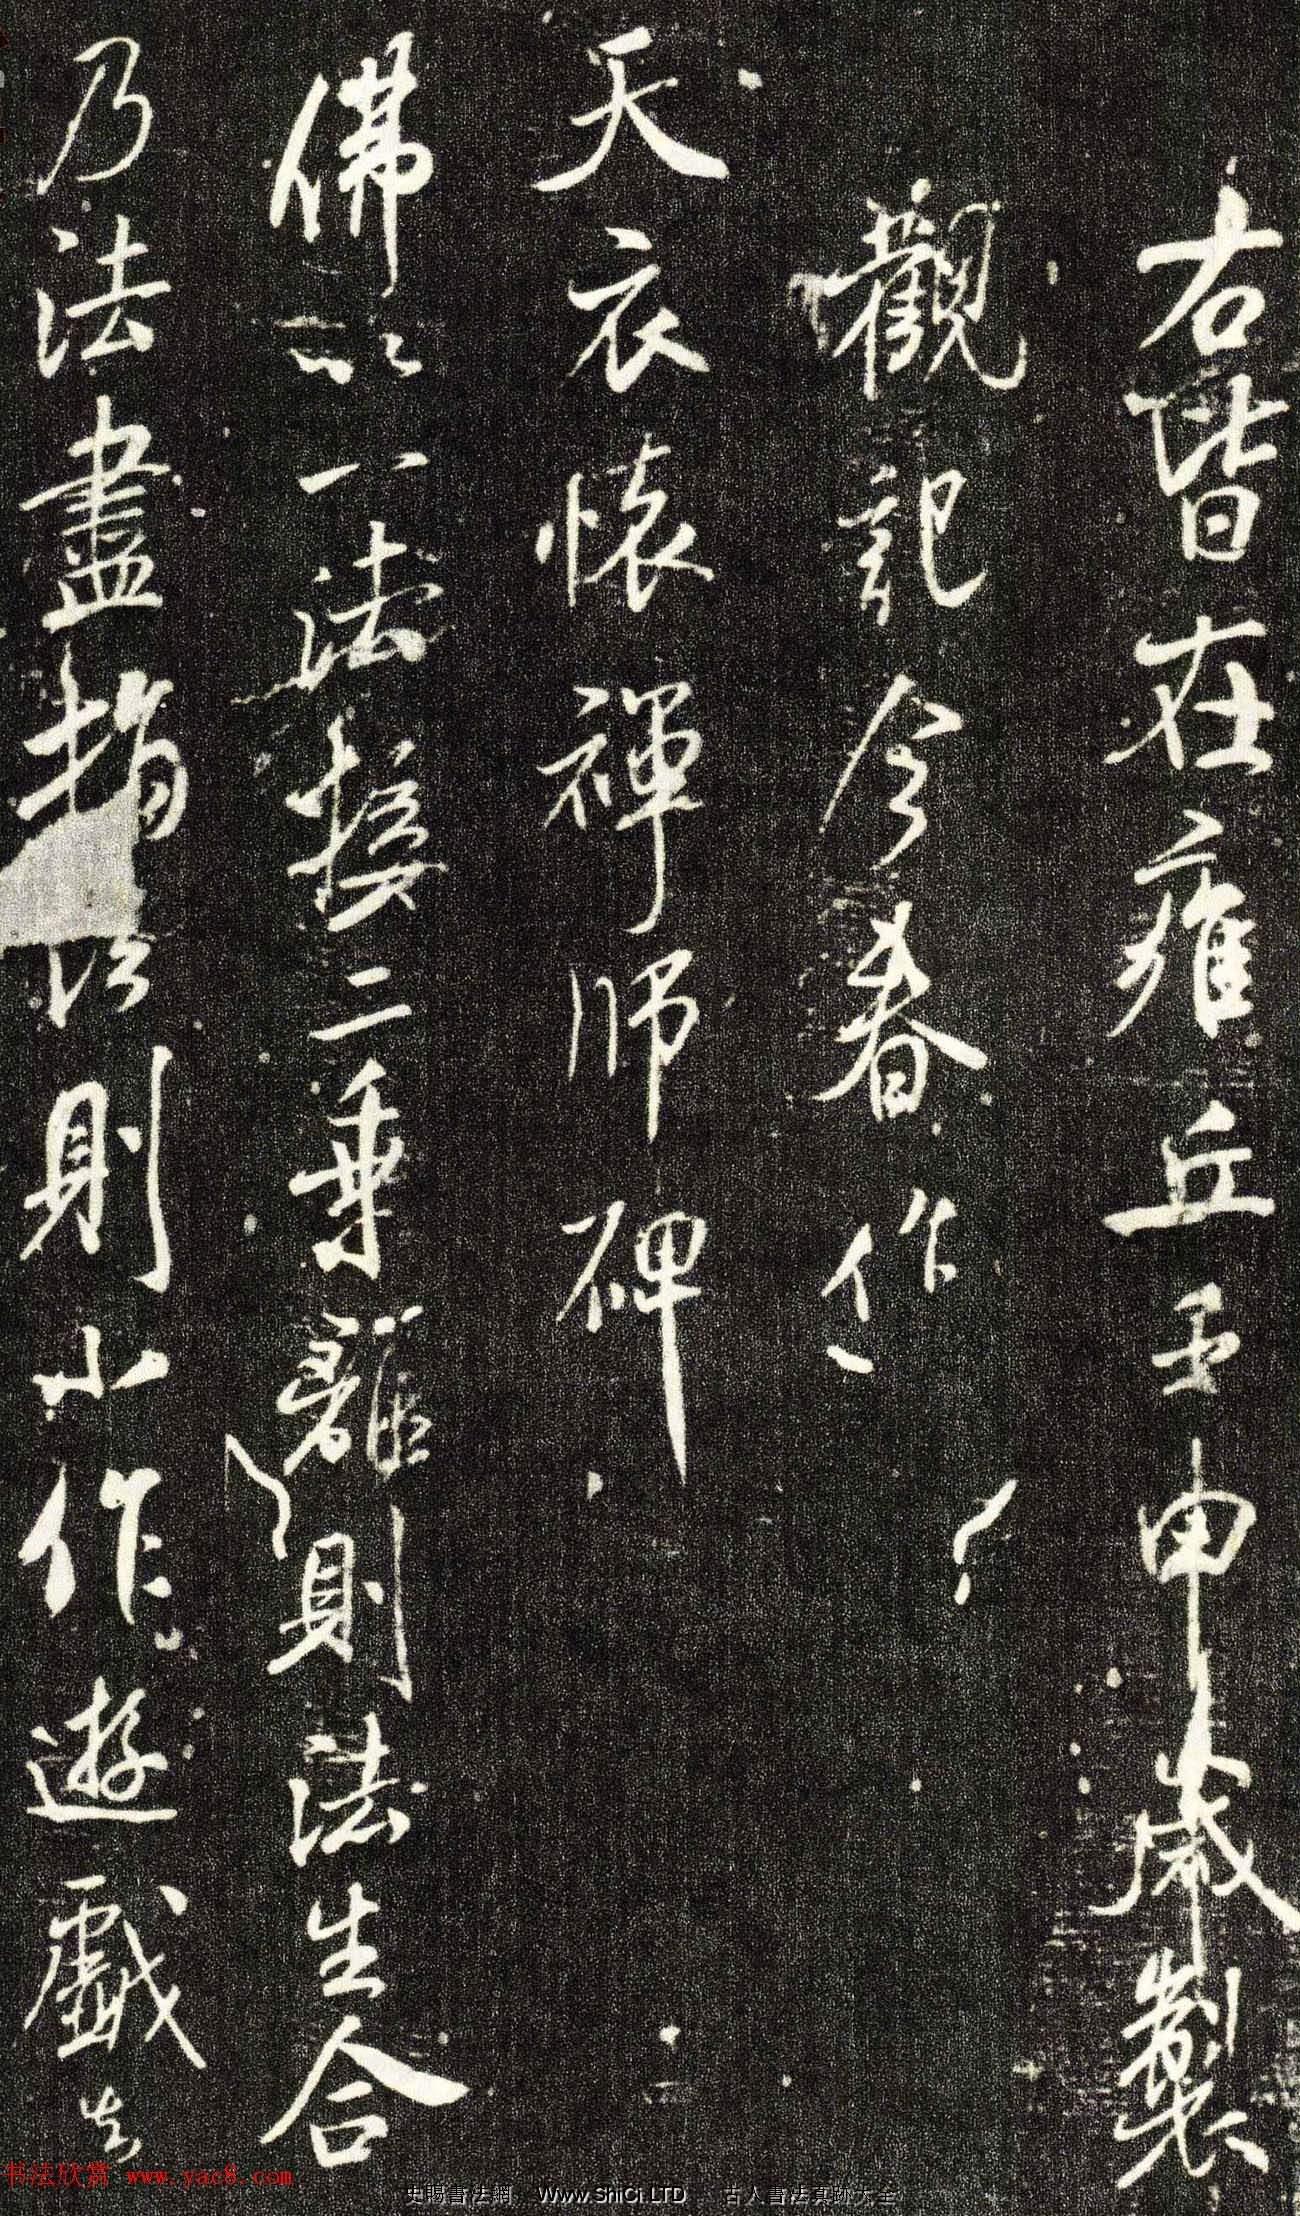 米芾書法大圖字帖《天衣懷禪師碑》(共15張圖片)